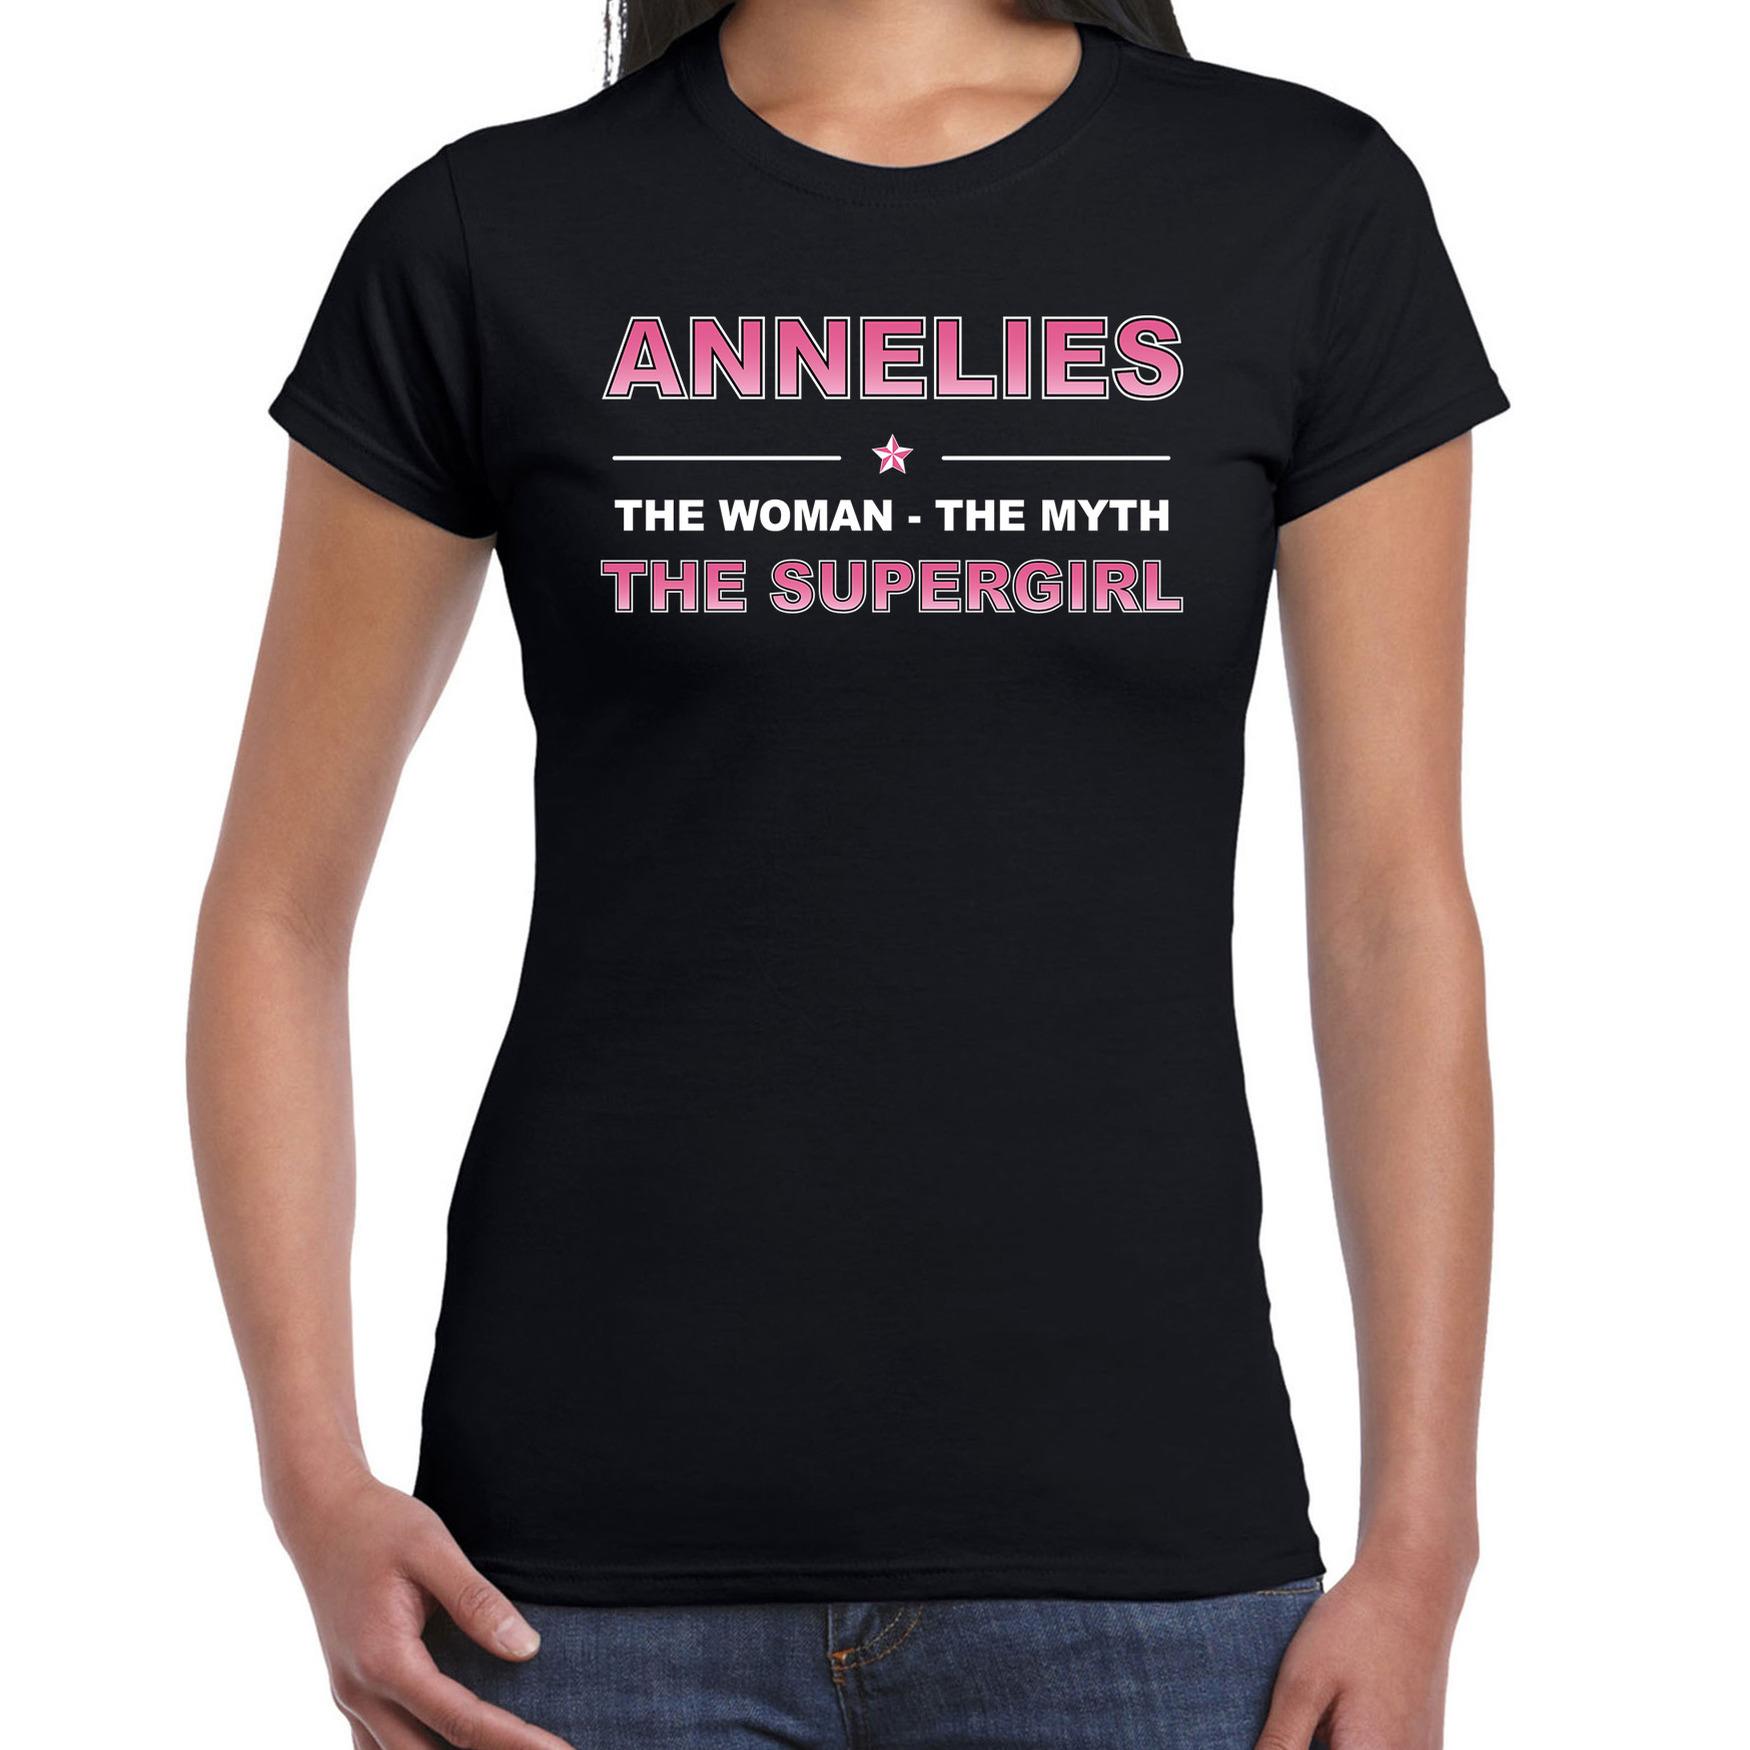 Naam cadeau t-shirt / shirt Annelies - the supergirl zwart voor dames